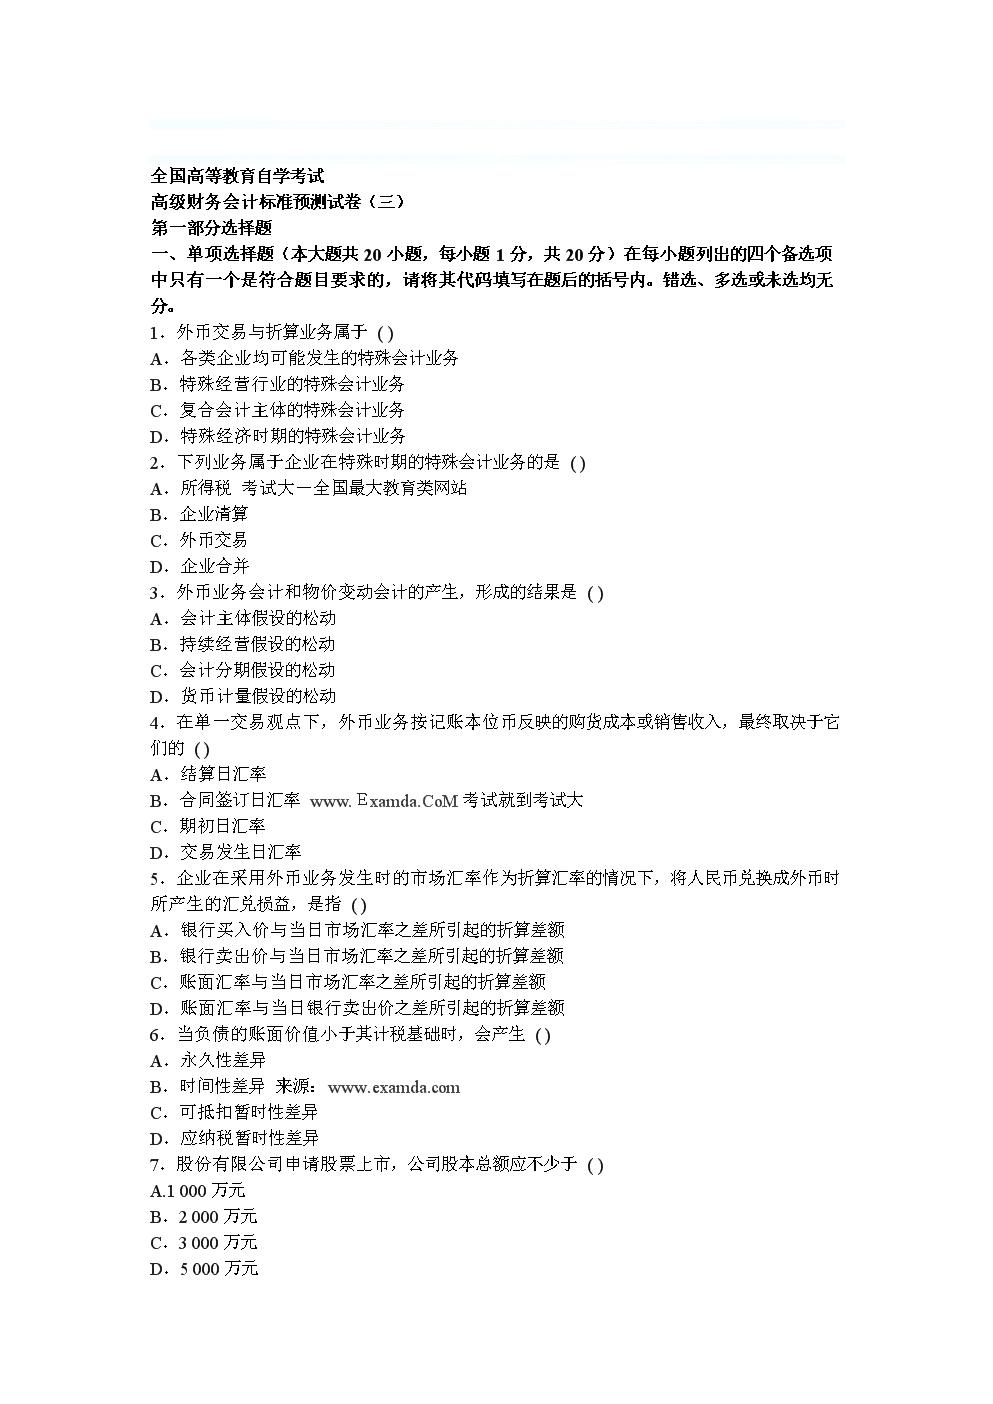 高级财务会计试题03.doc